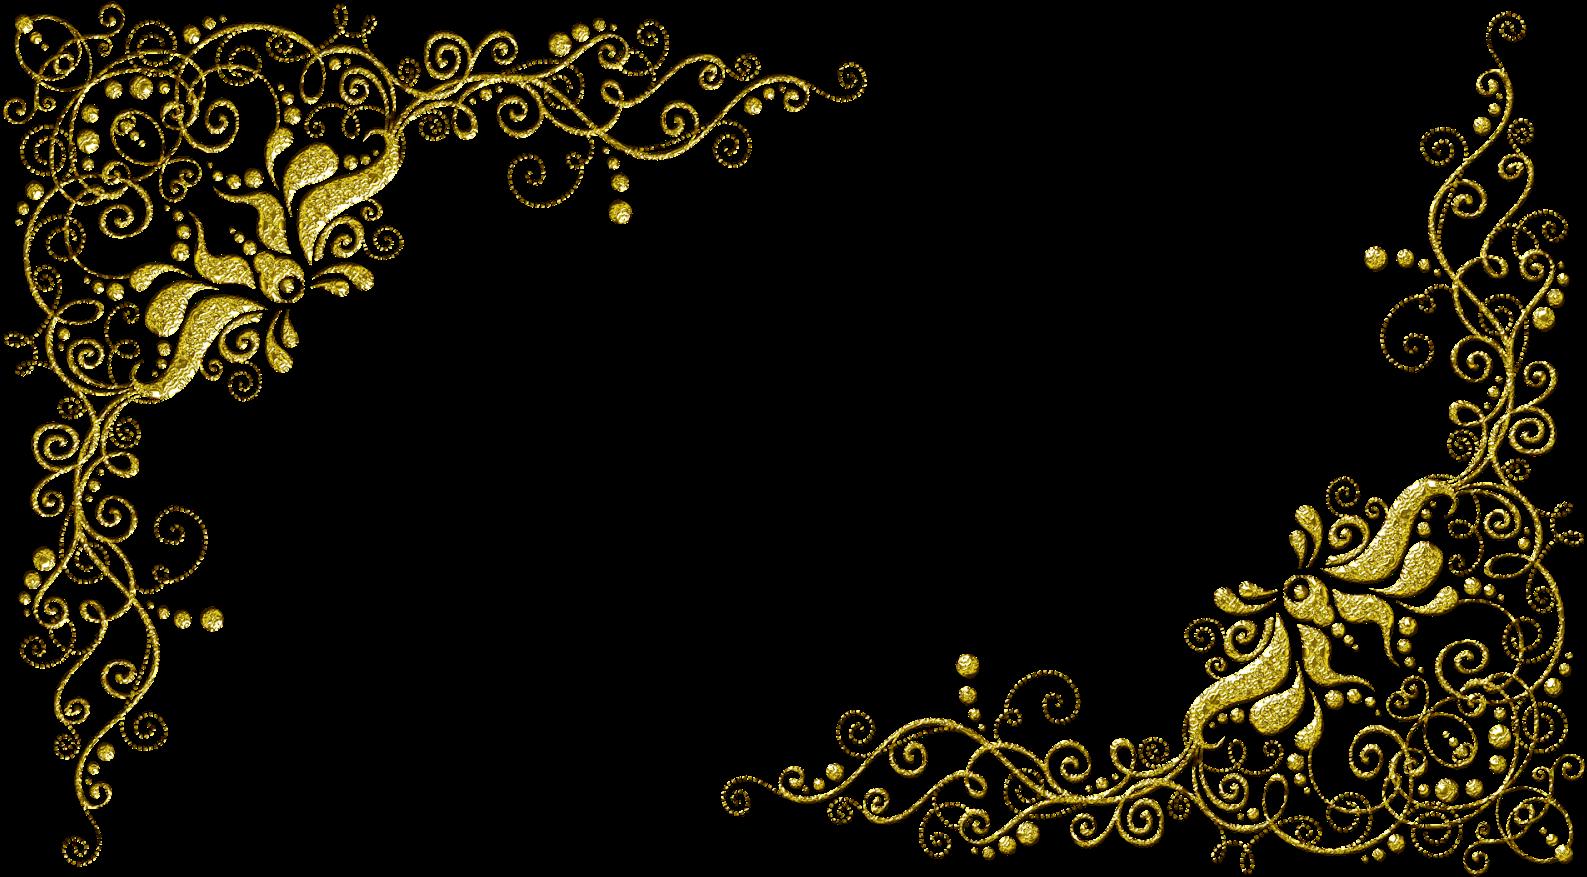 Molduras Com Arabescos Dourados.